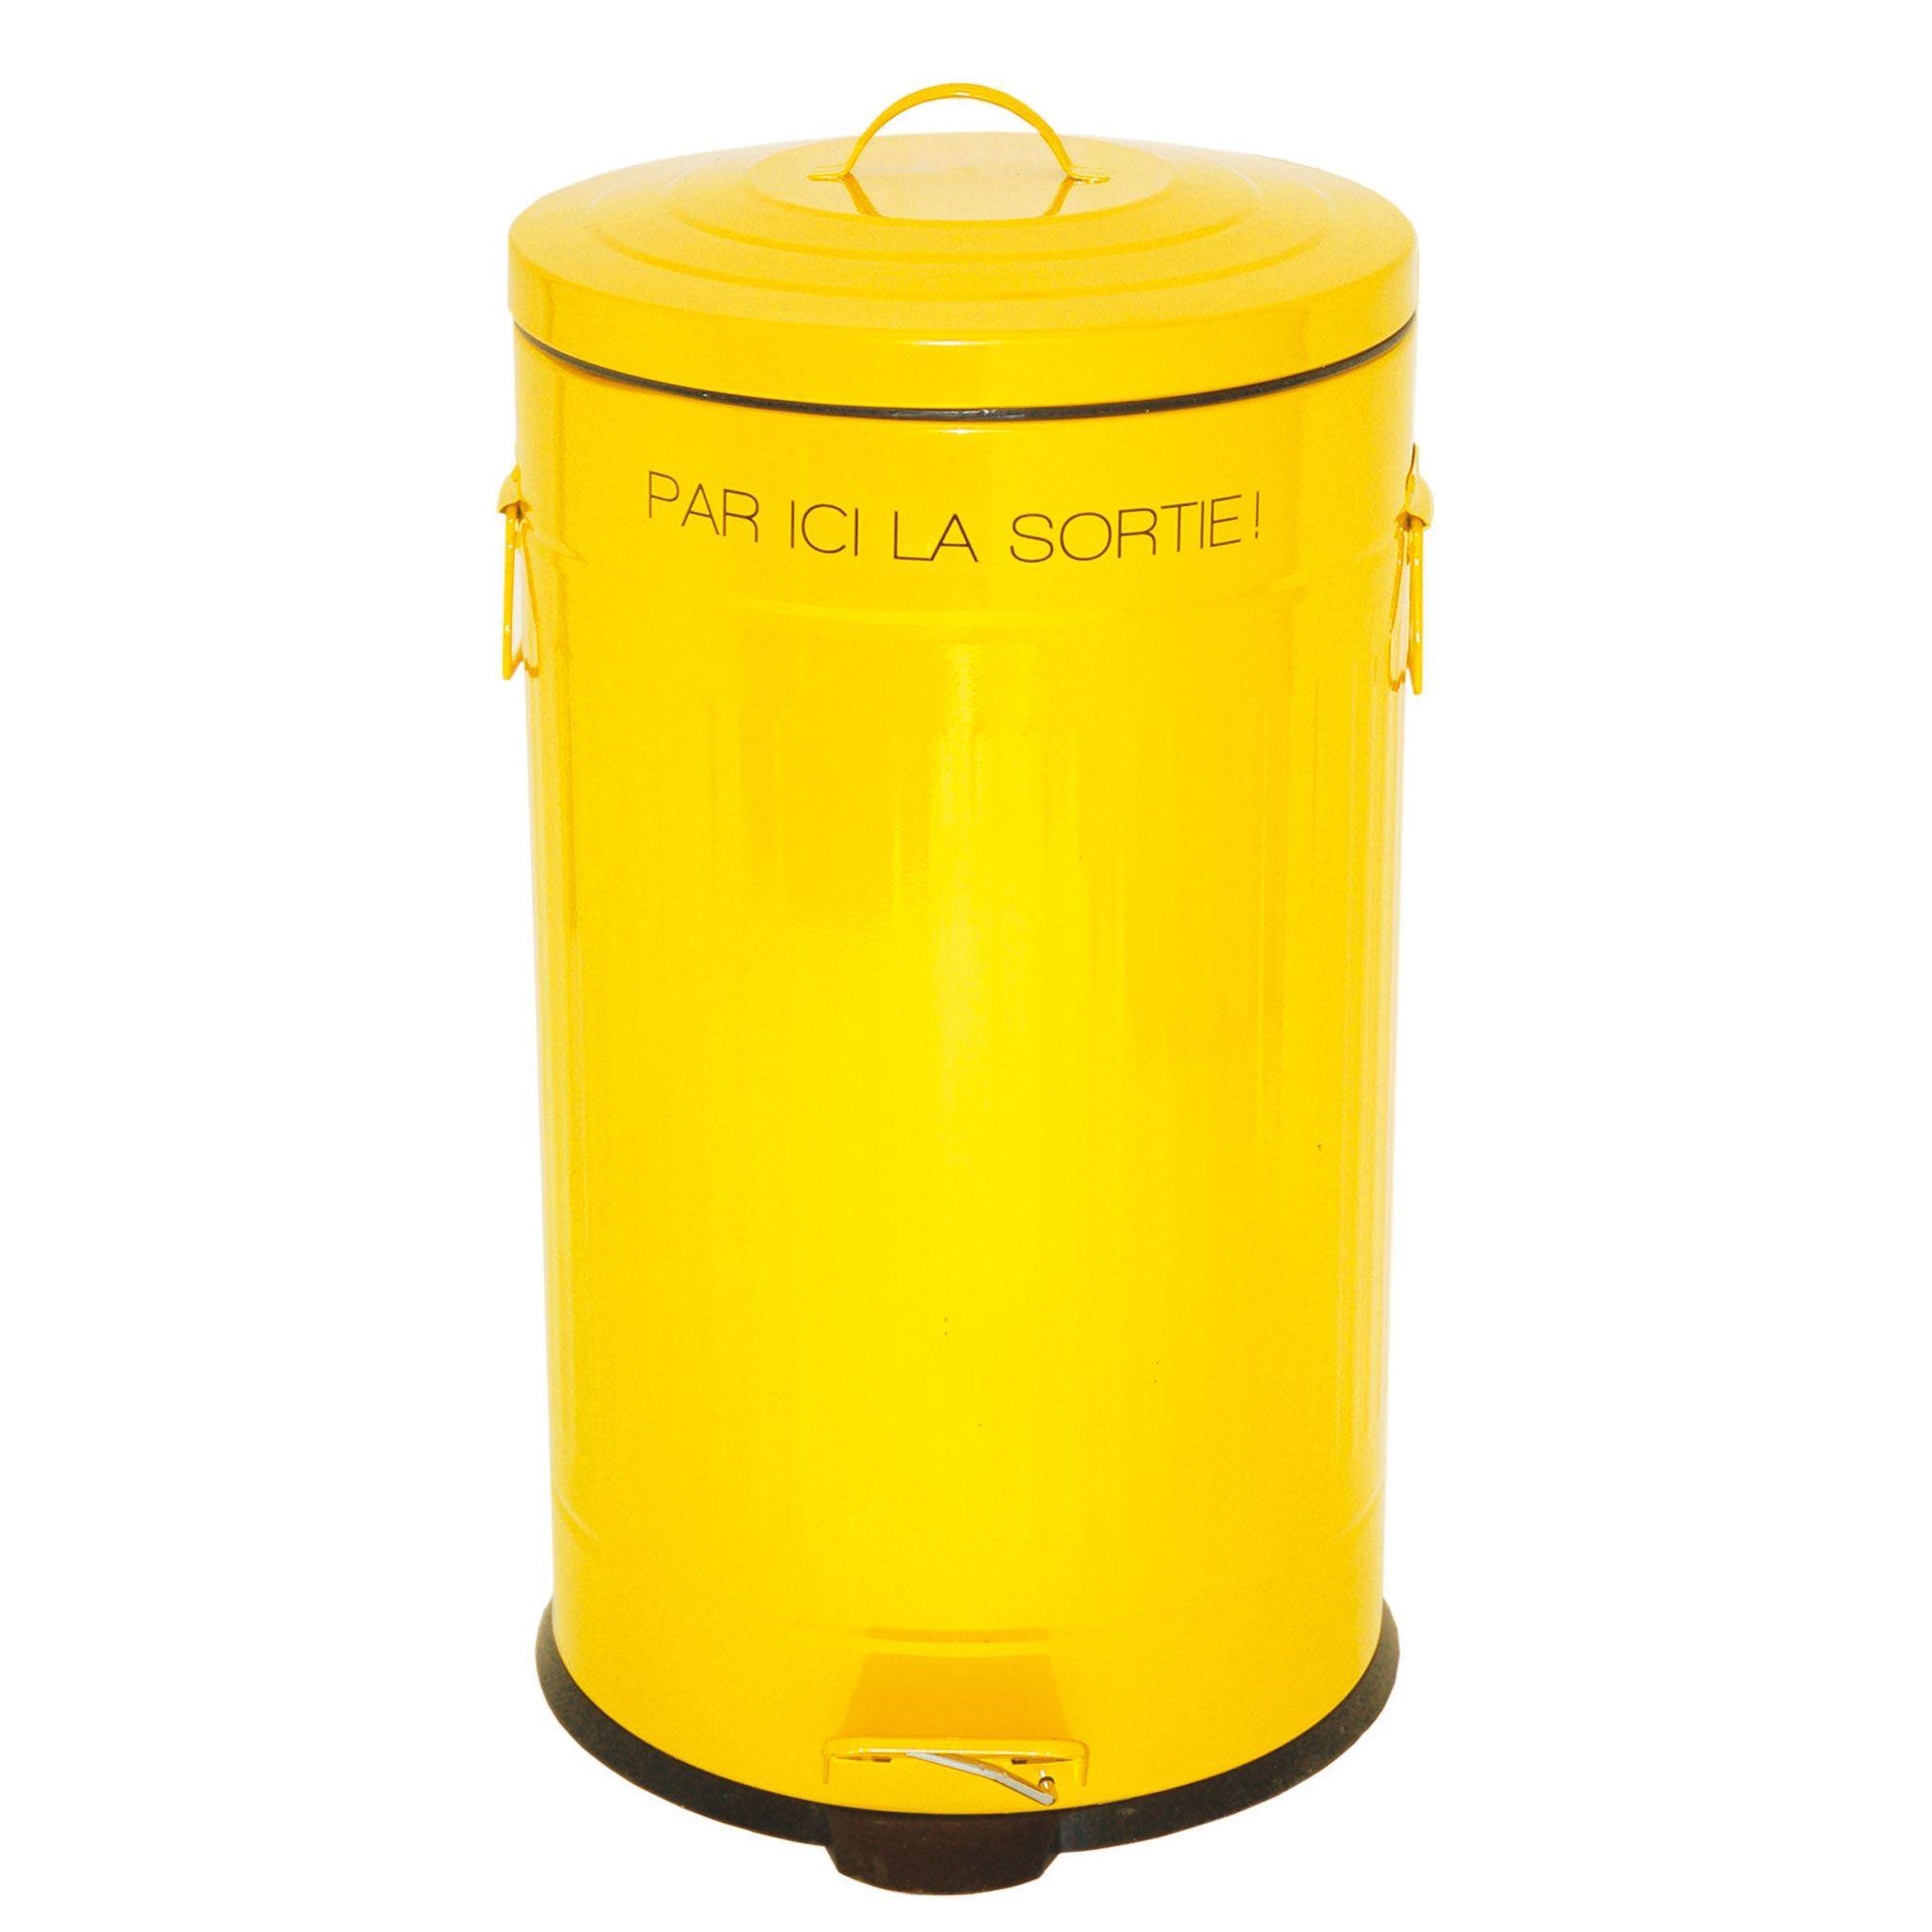 Poubelle de #cuisine jaune à pédale rétro | poubelles | Pinterest